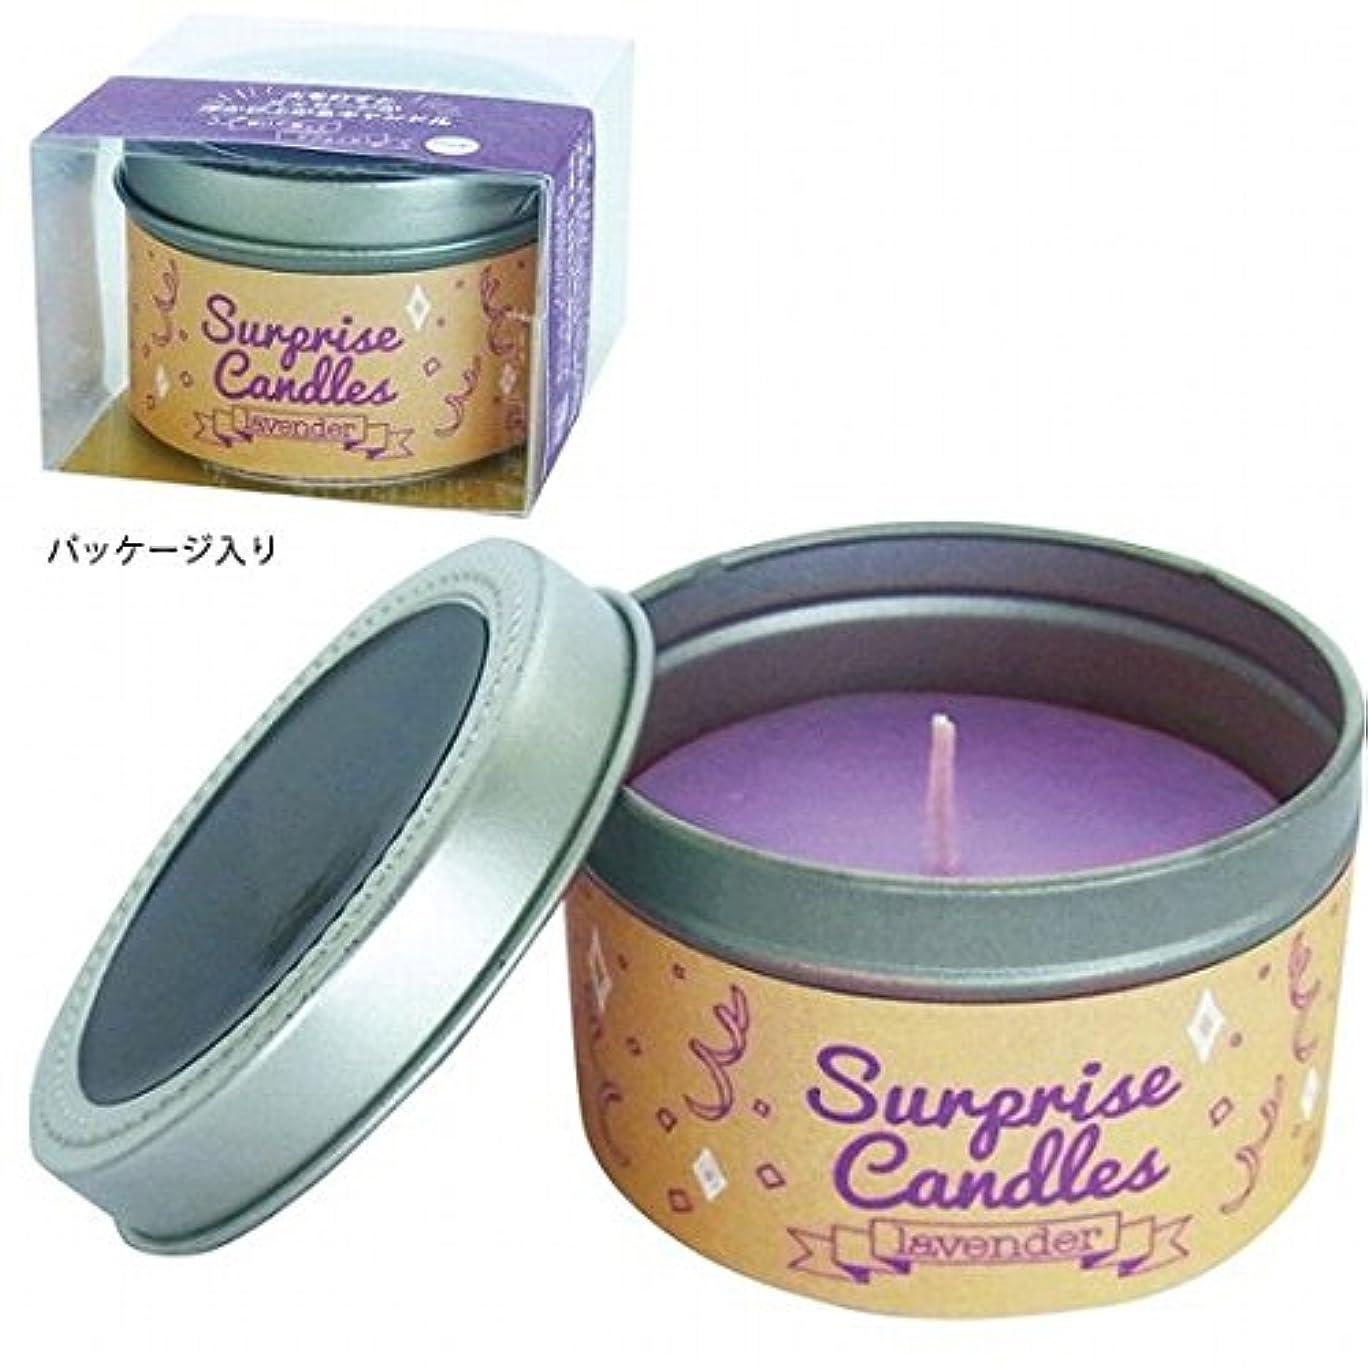 ダイアクリティカル不可能な欺くkameyama candle(カメヤマキャンドル) サプライズキャンドル 「ラベンダー」(A207005020)